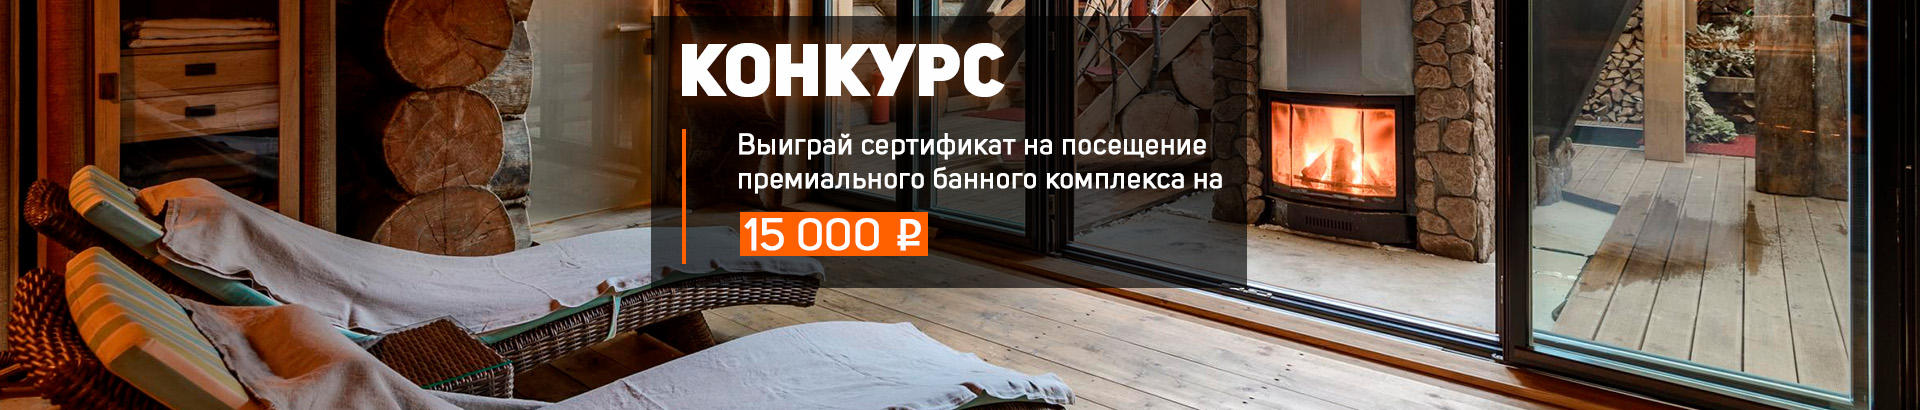 Разыгрываем сертификат на 15 000 рублей на посещение премиального банного комплекса в Санкт-Петербурге!